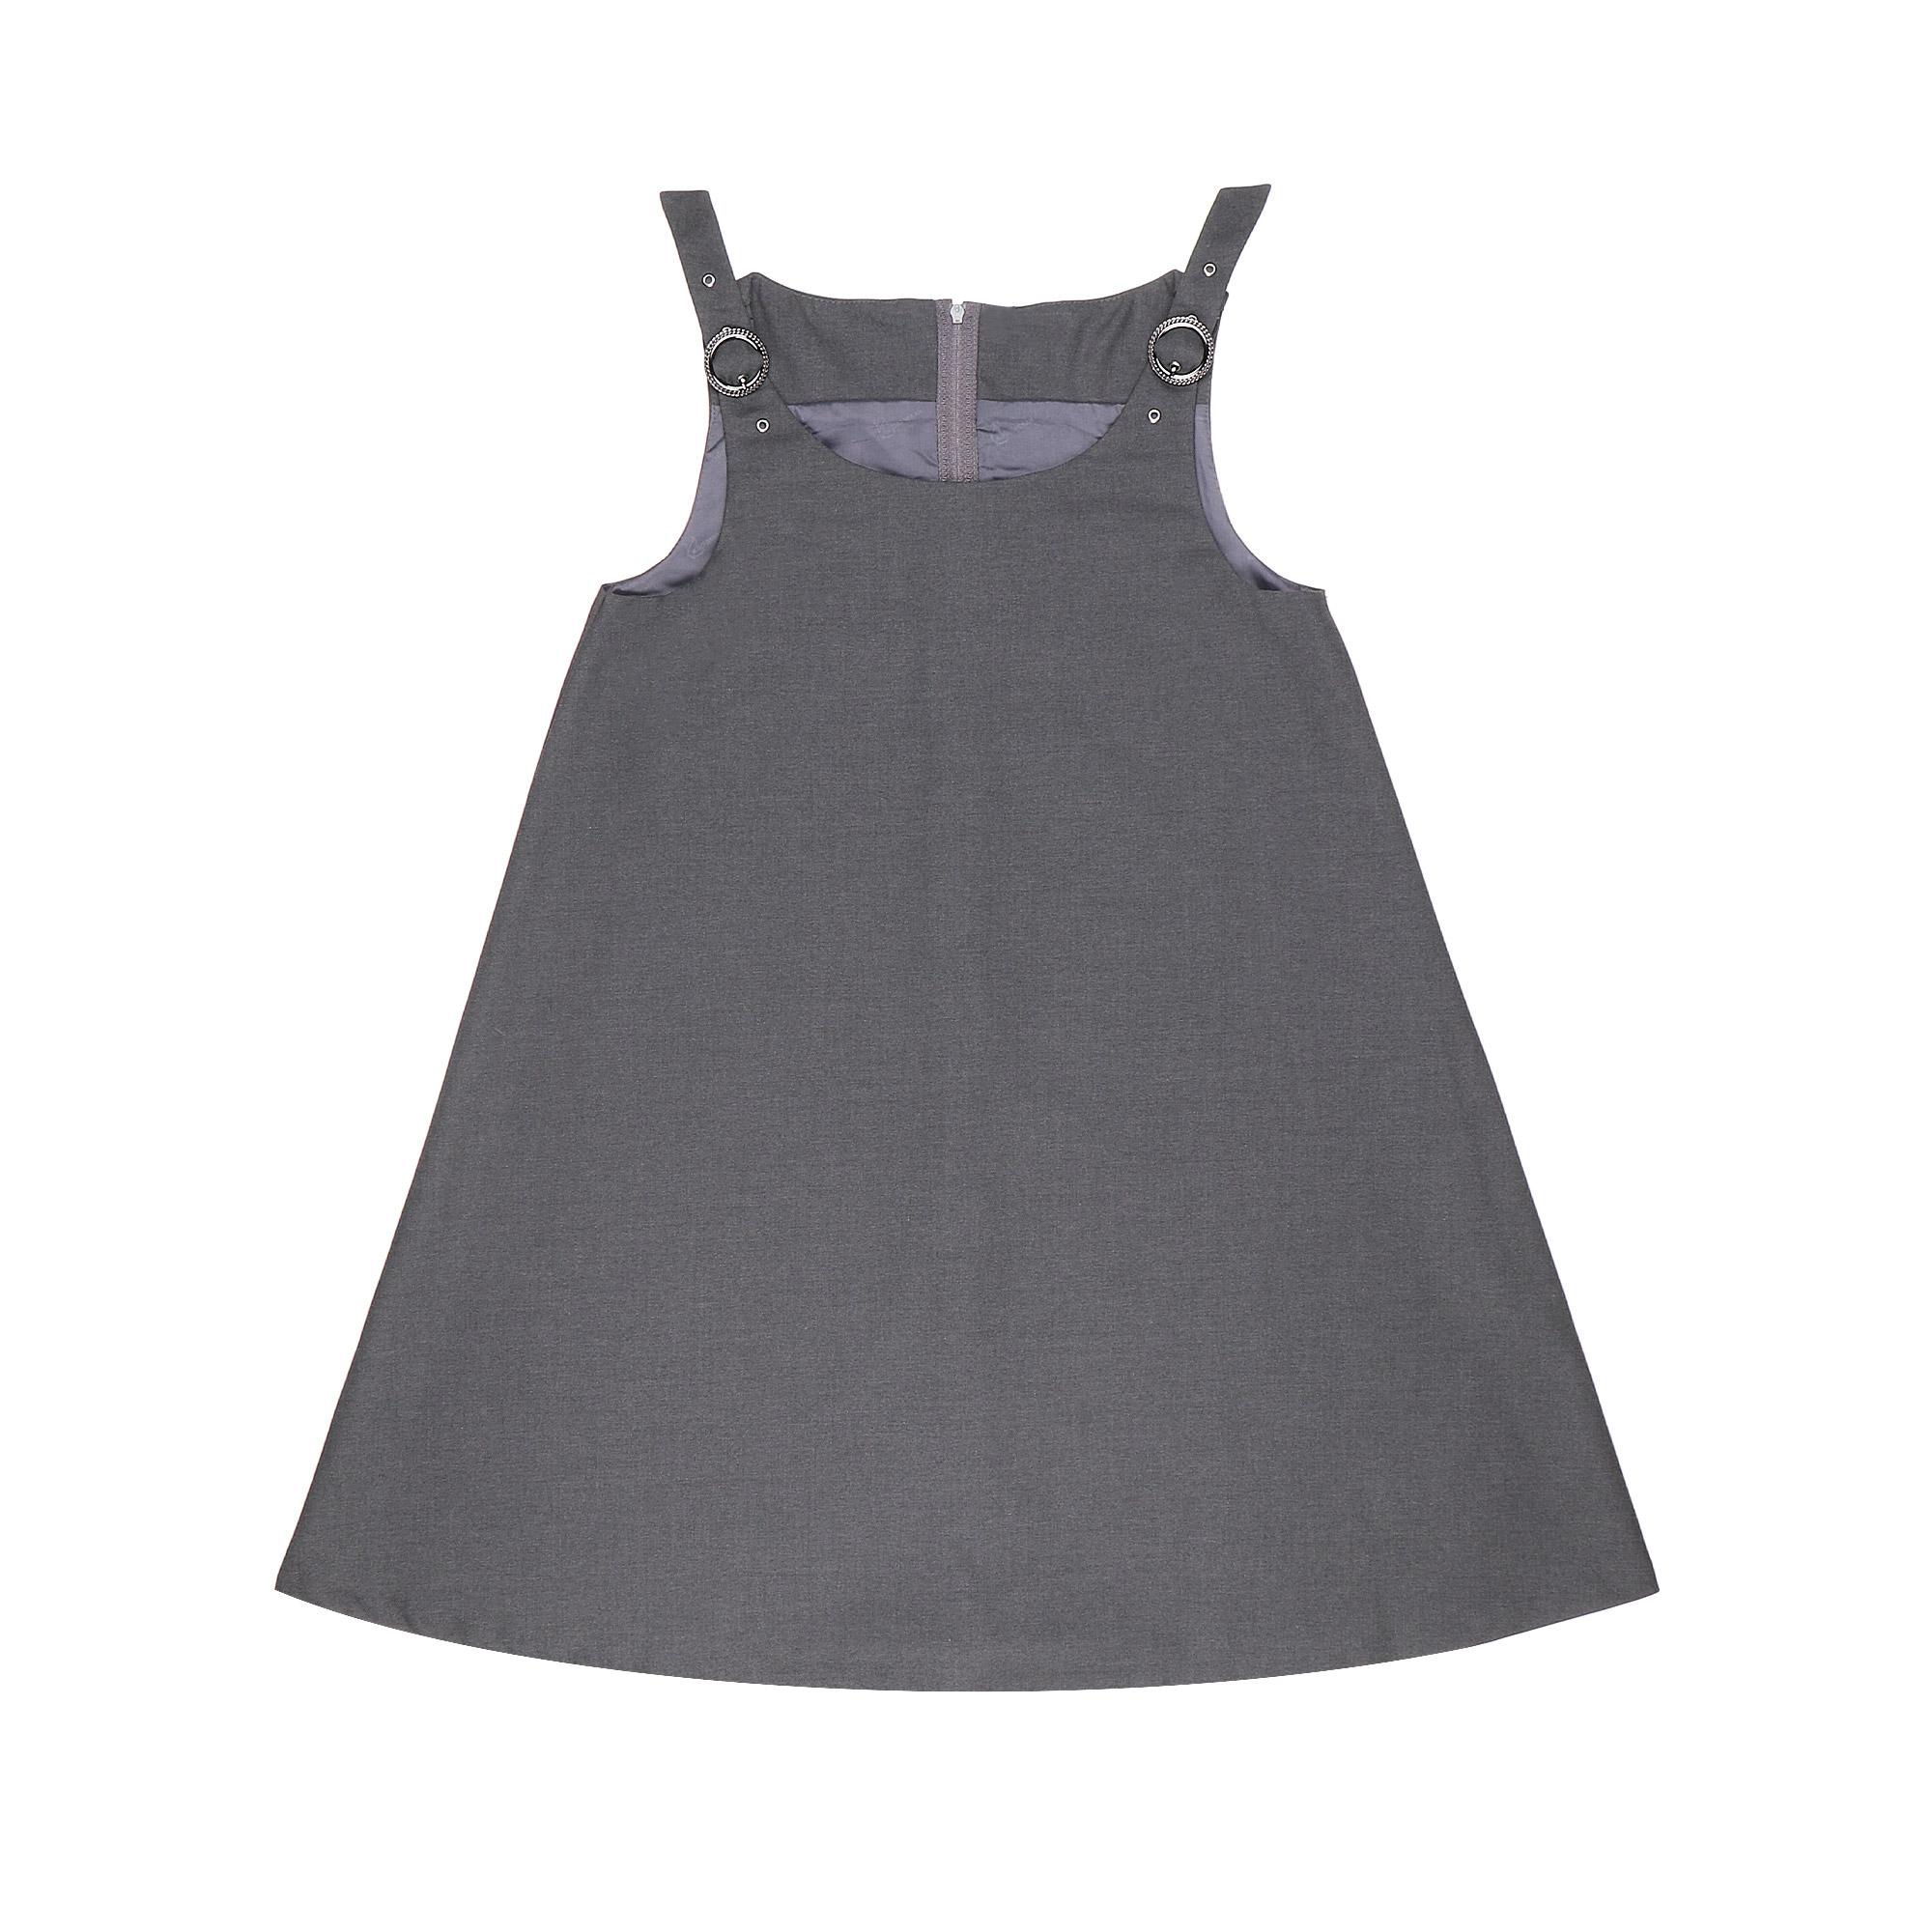 Купить Сарафан школьный КАРАМЕЛЛИ О74177 серый 164, Серый, Для девочек, Всесезонный,